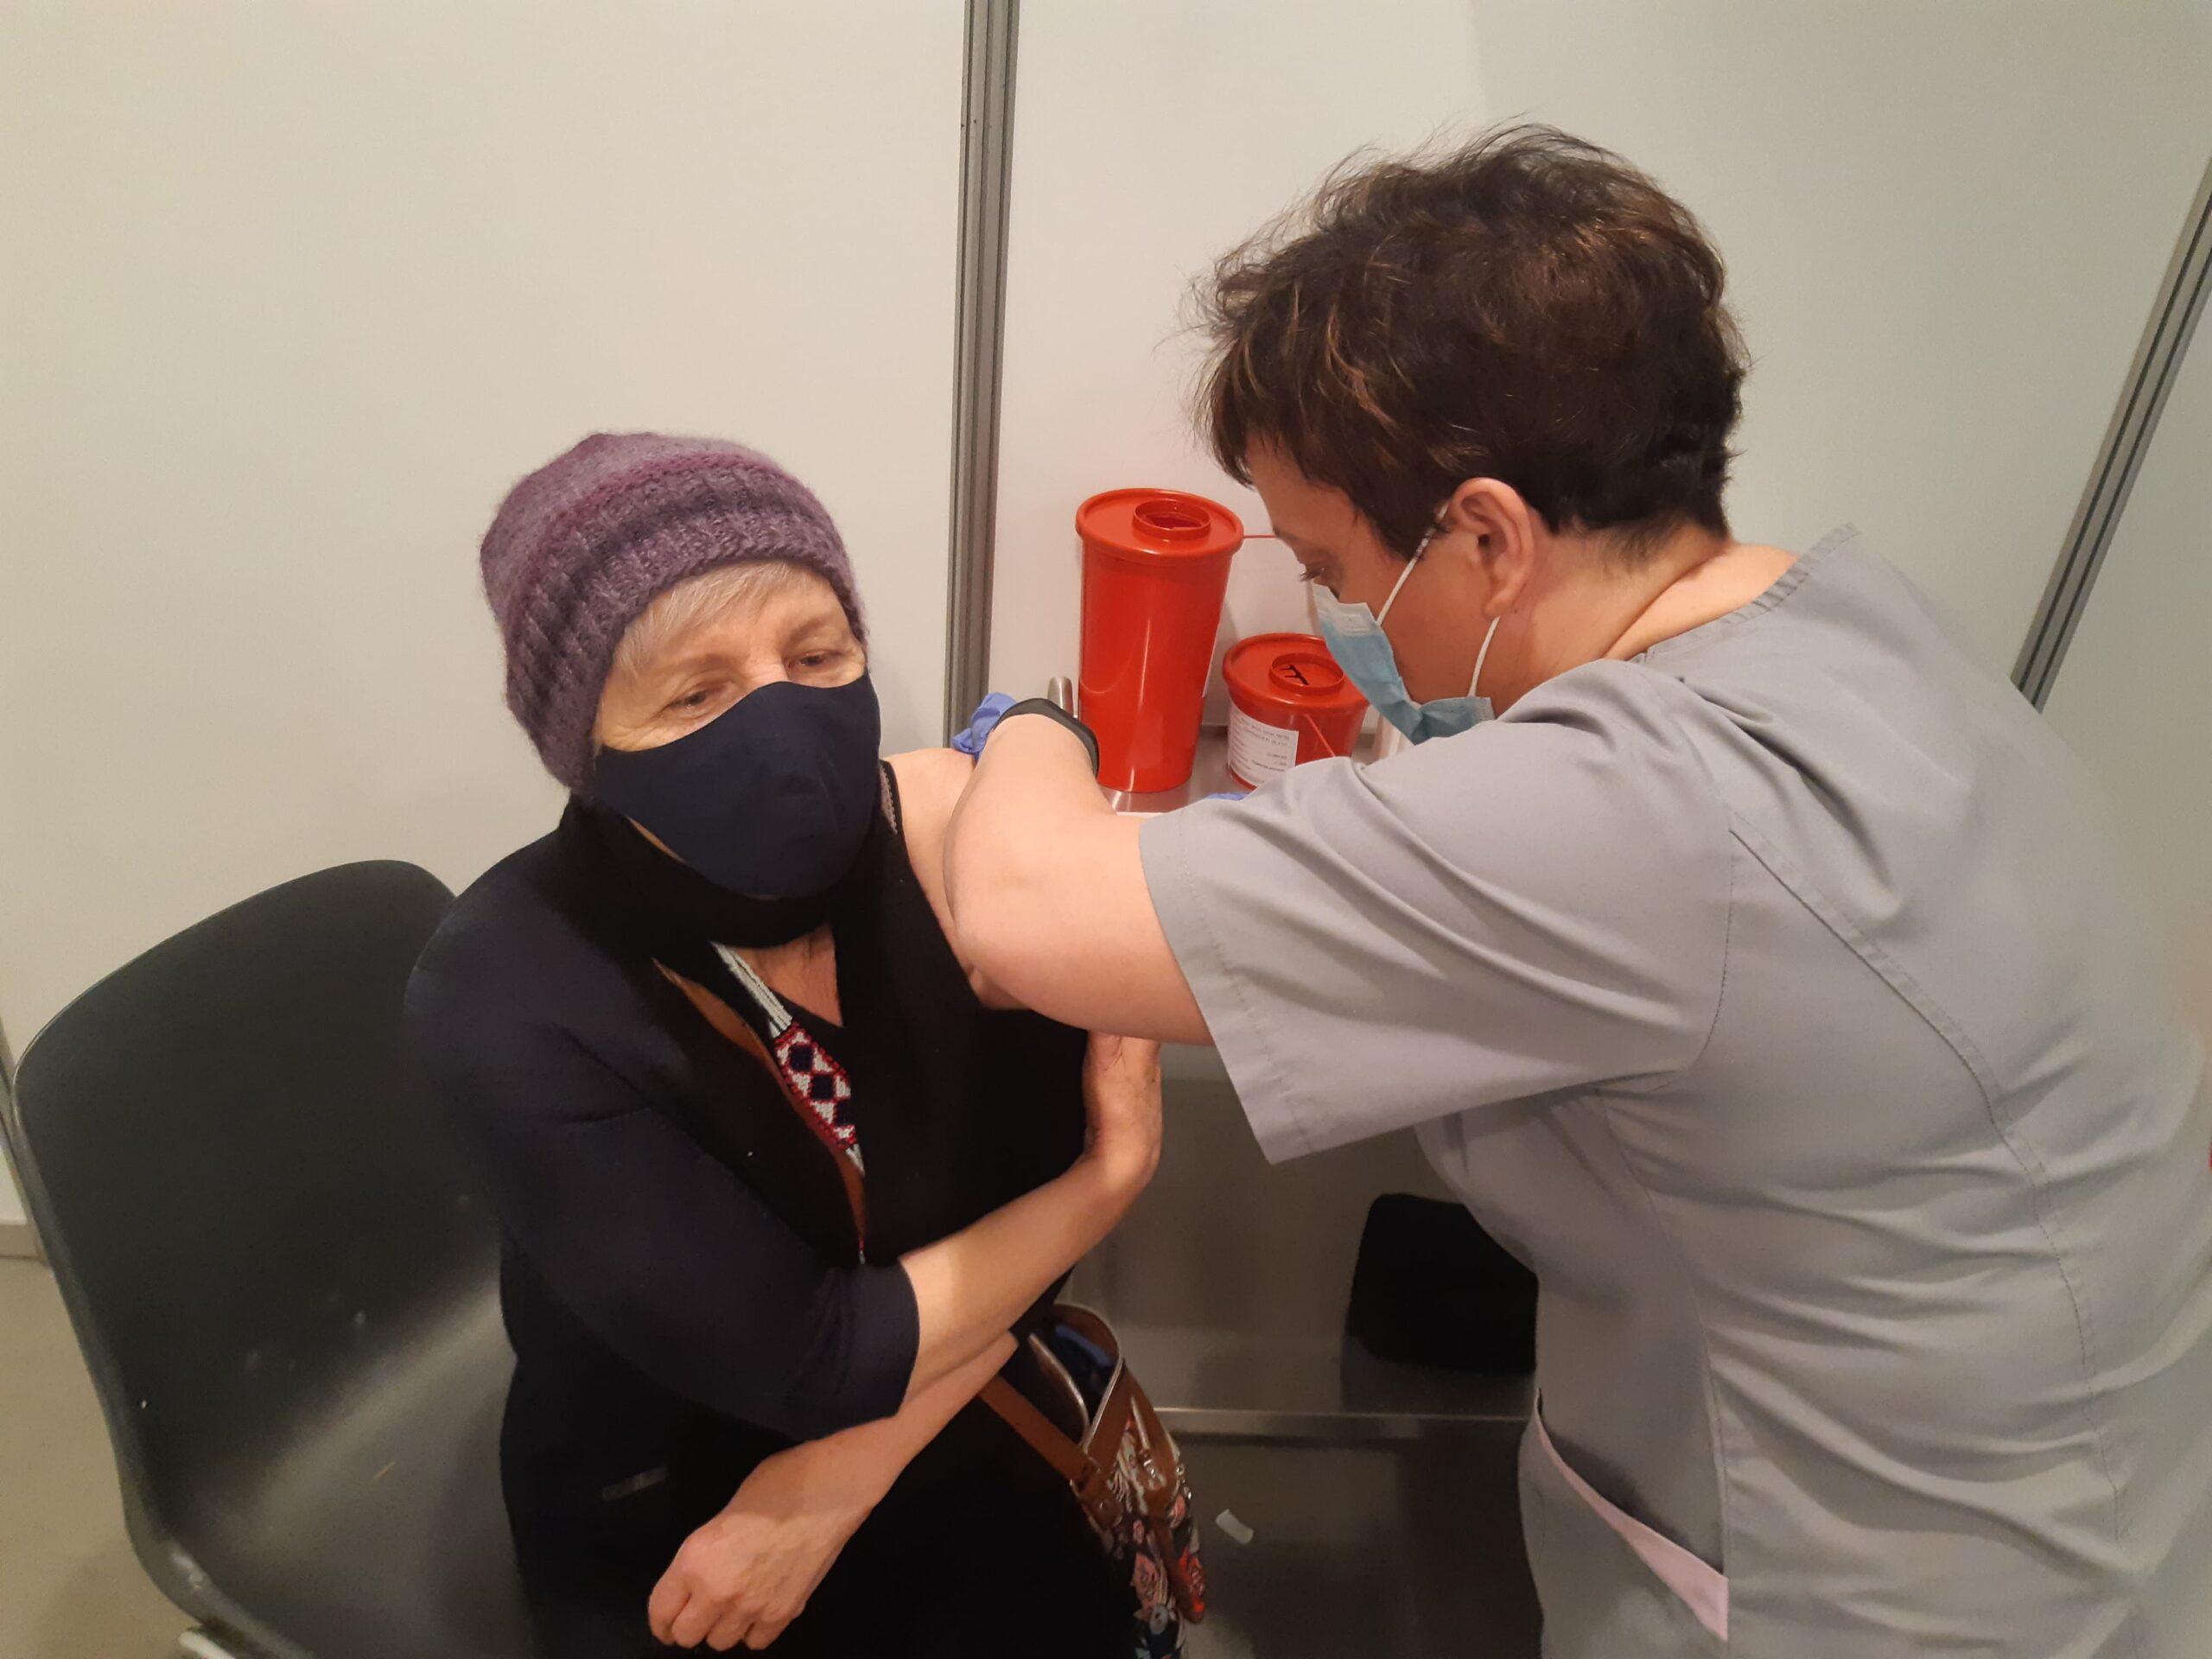 W AmberExpo ruszył punkt szczepień przeciwko COVID-19. Dziennie można zaszczepić 240 osób